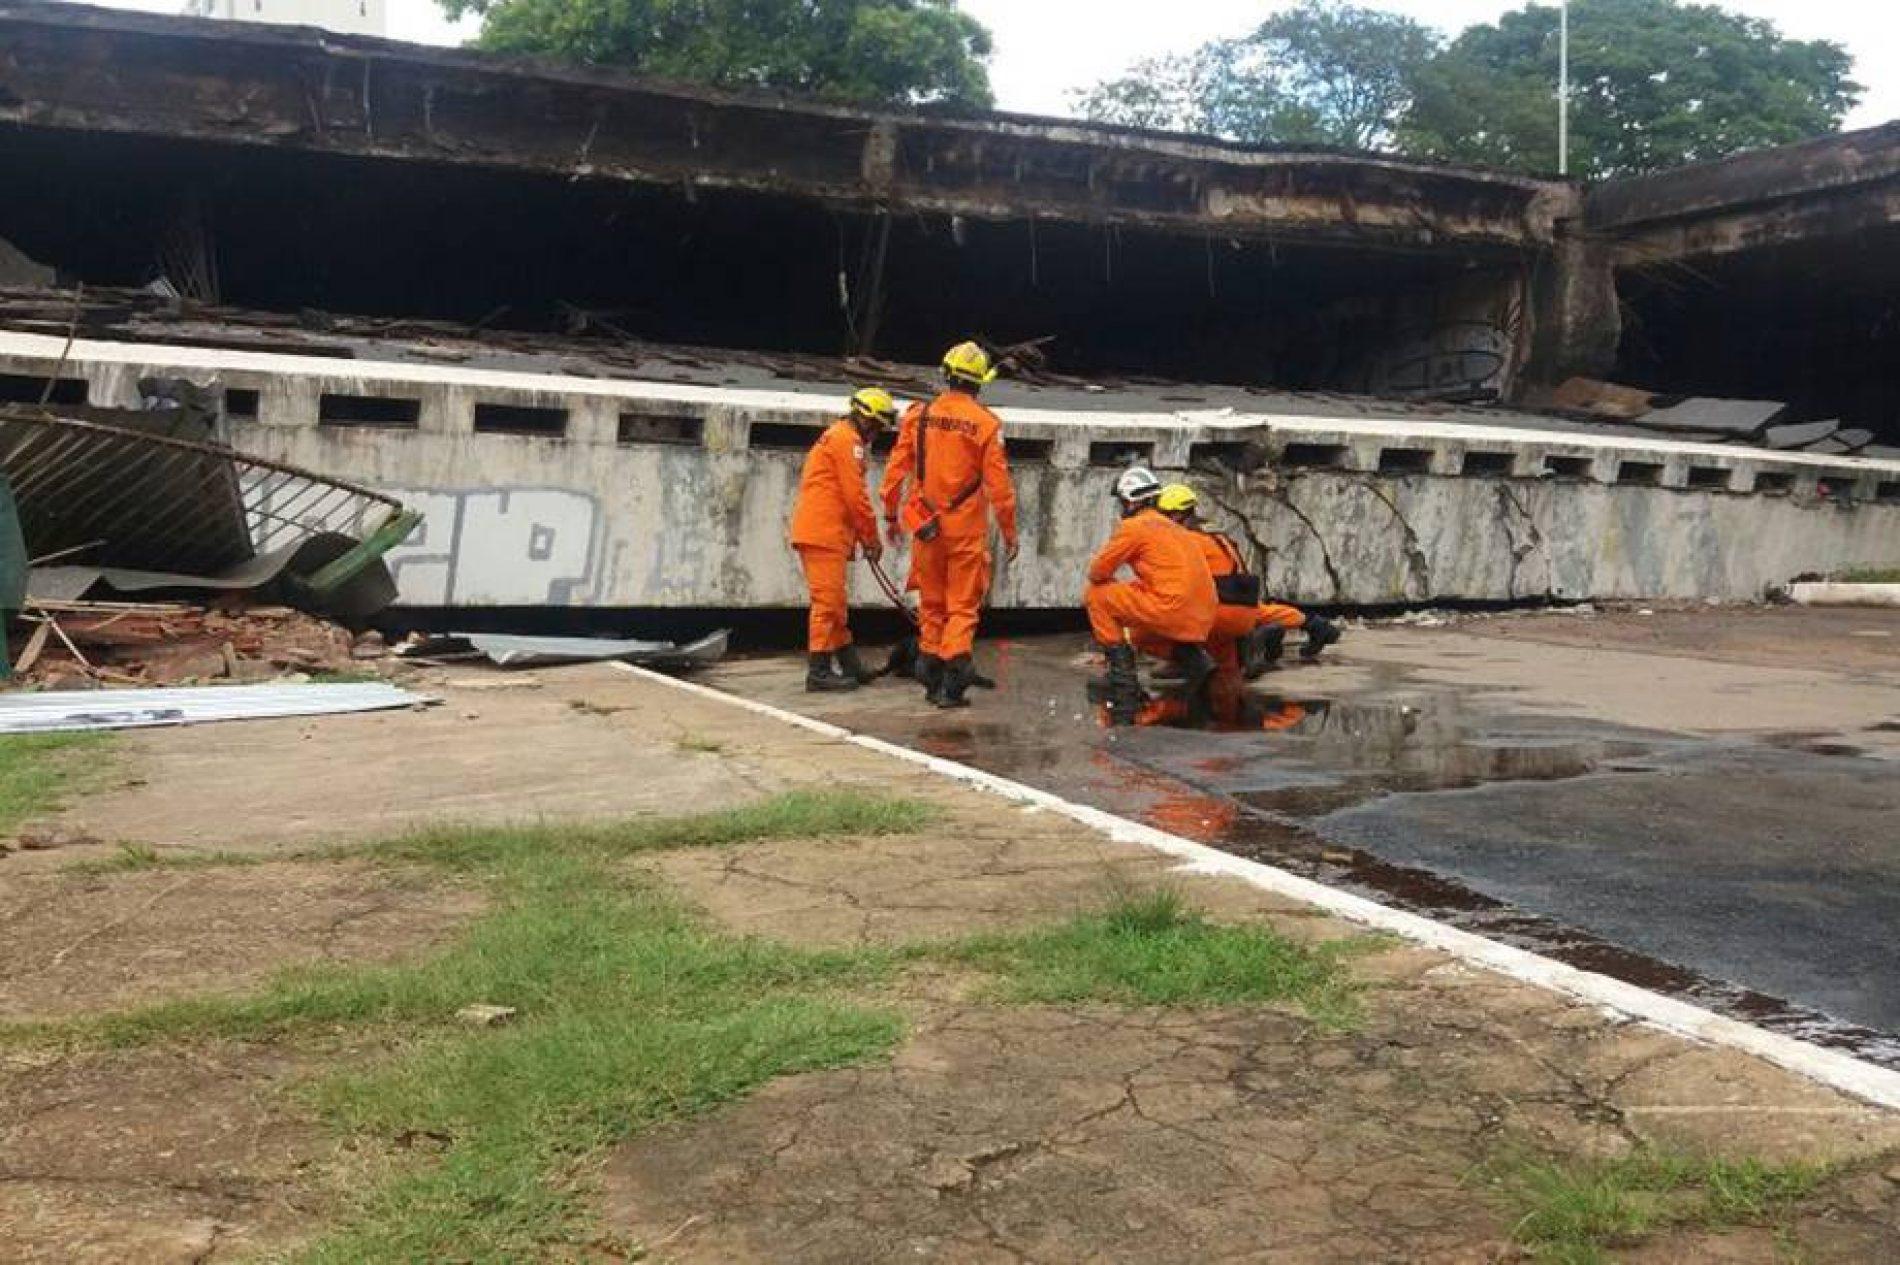 URGENTE: Sem manutenção, viaduto desaba em avenida do centro de Brasília